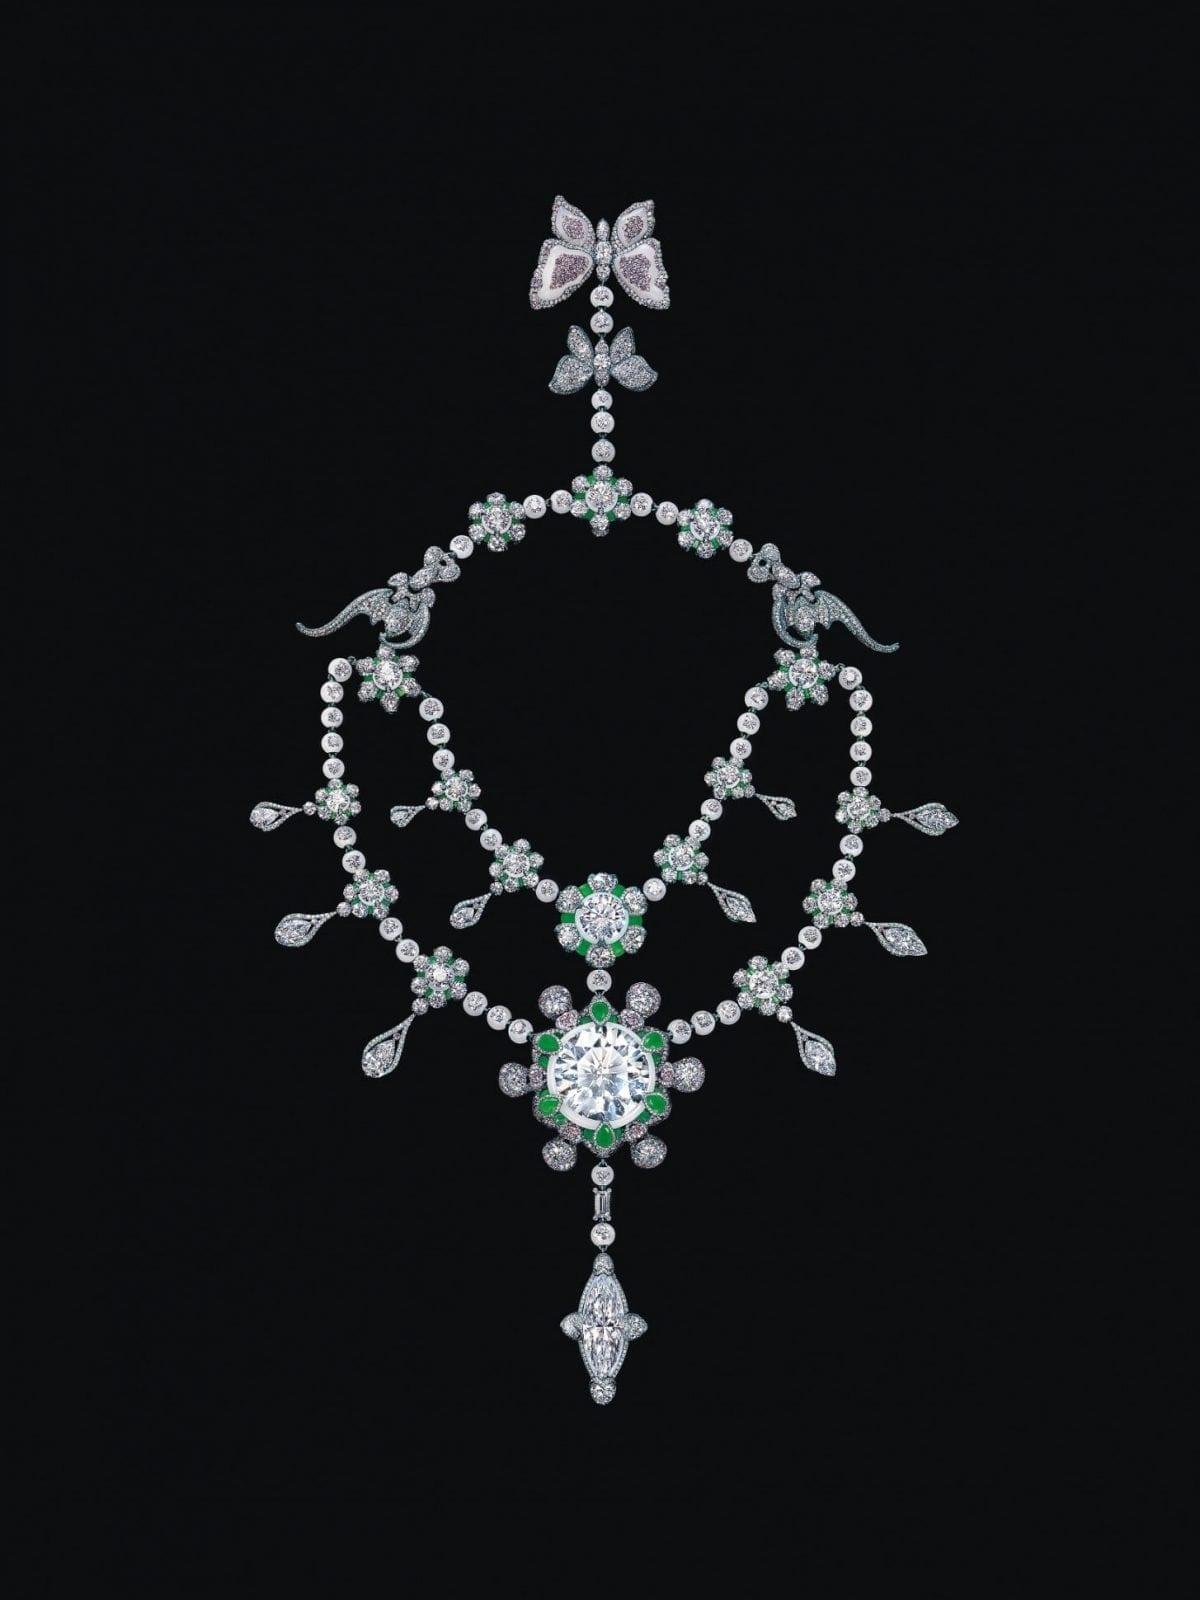 Cea mai scumpă bijuterie din lume costă 185 de milioane de euro